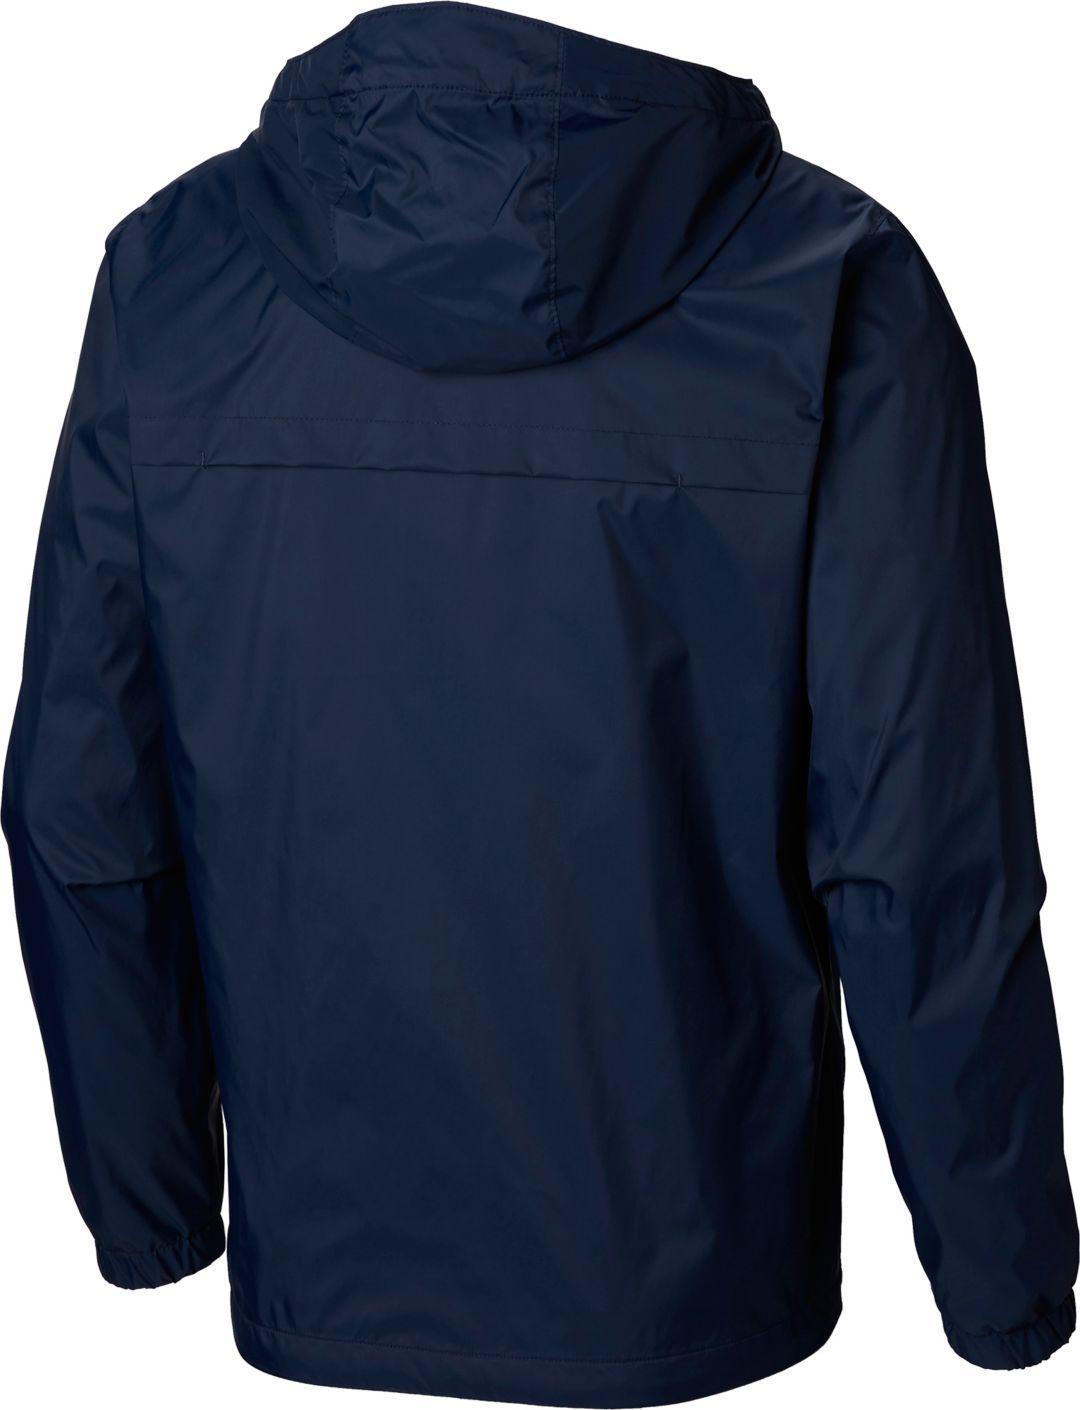 Brooklyn Rain Jacket for Cycling Blue waterproof Pro M size